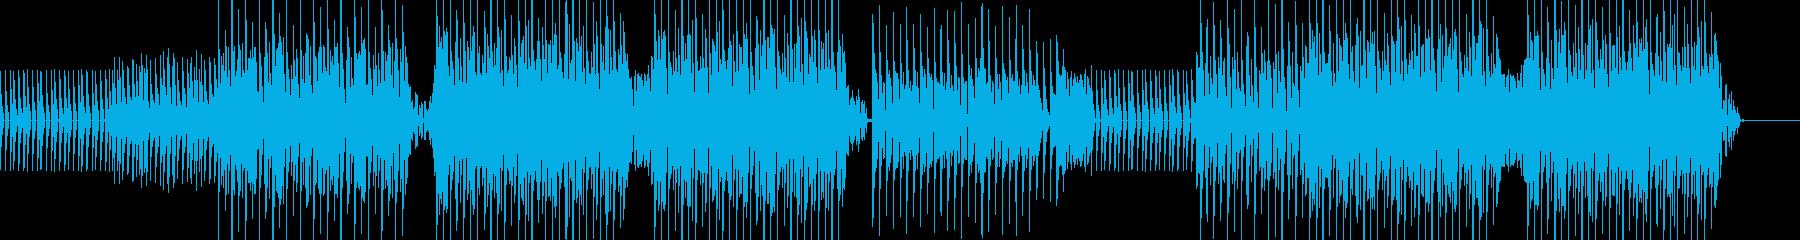 シンプルな4つ打ちアシッドテクノの再生済みの波形